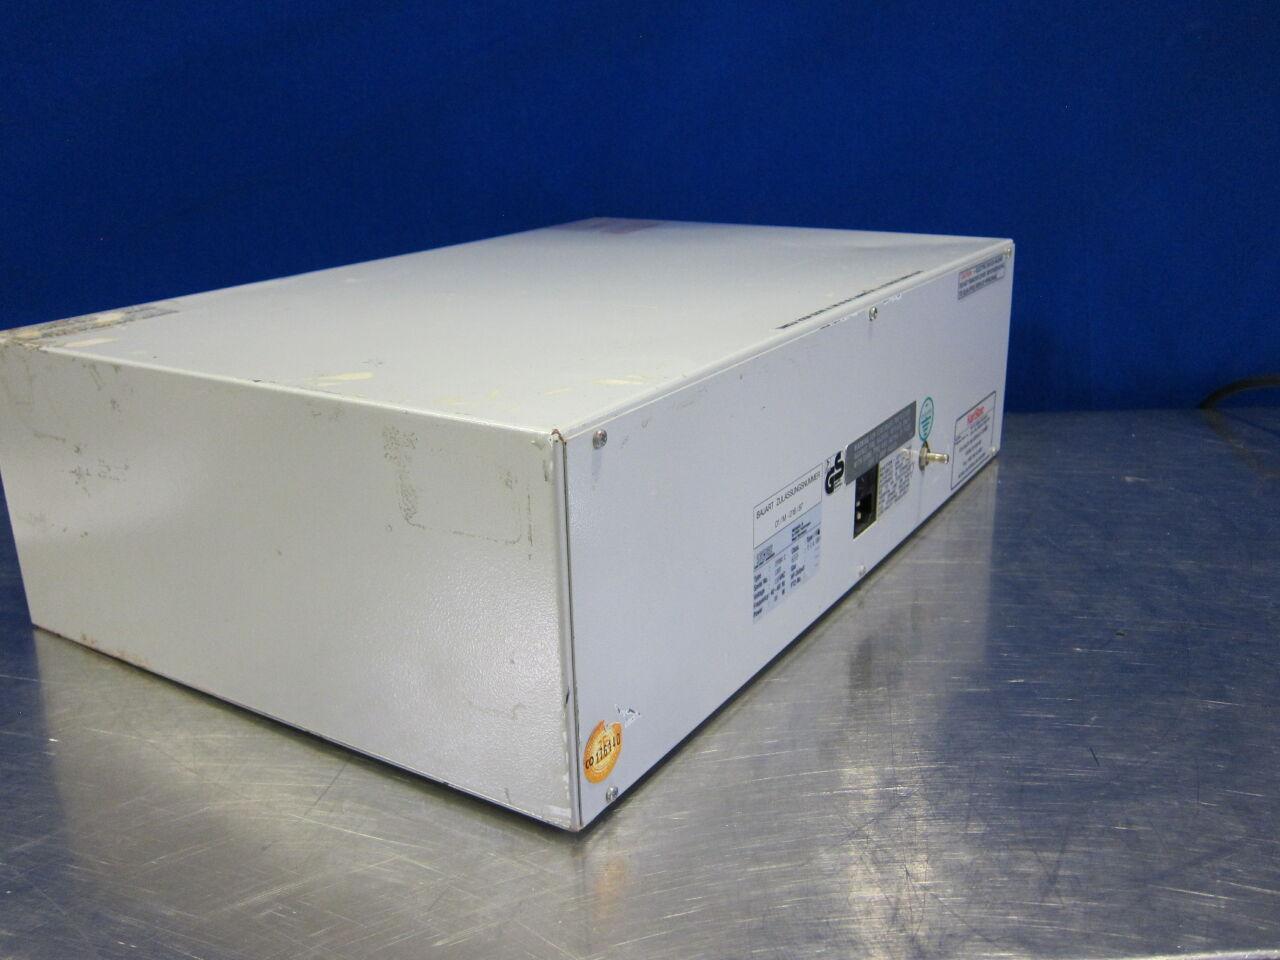 KARL STORZ Calcutript 27080C Lithotripter